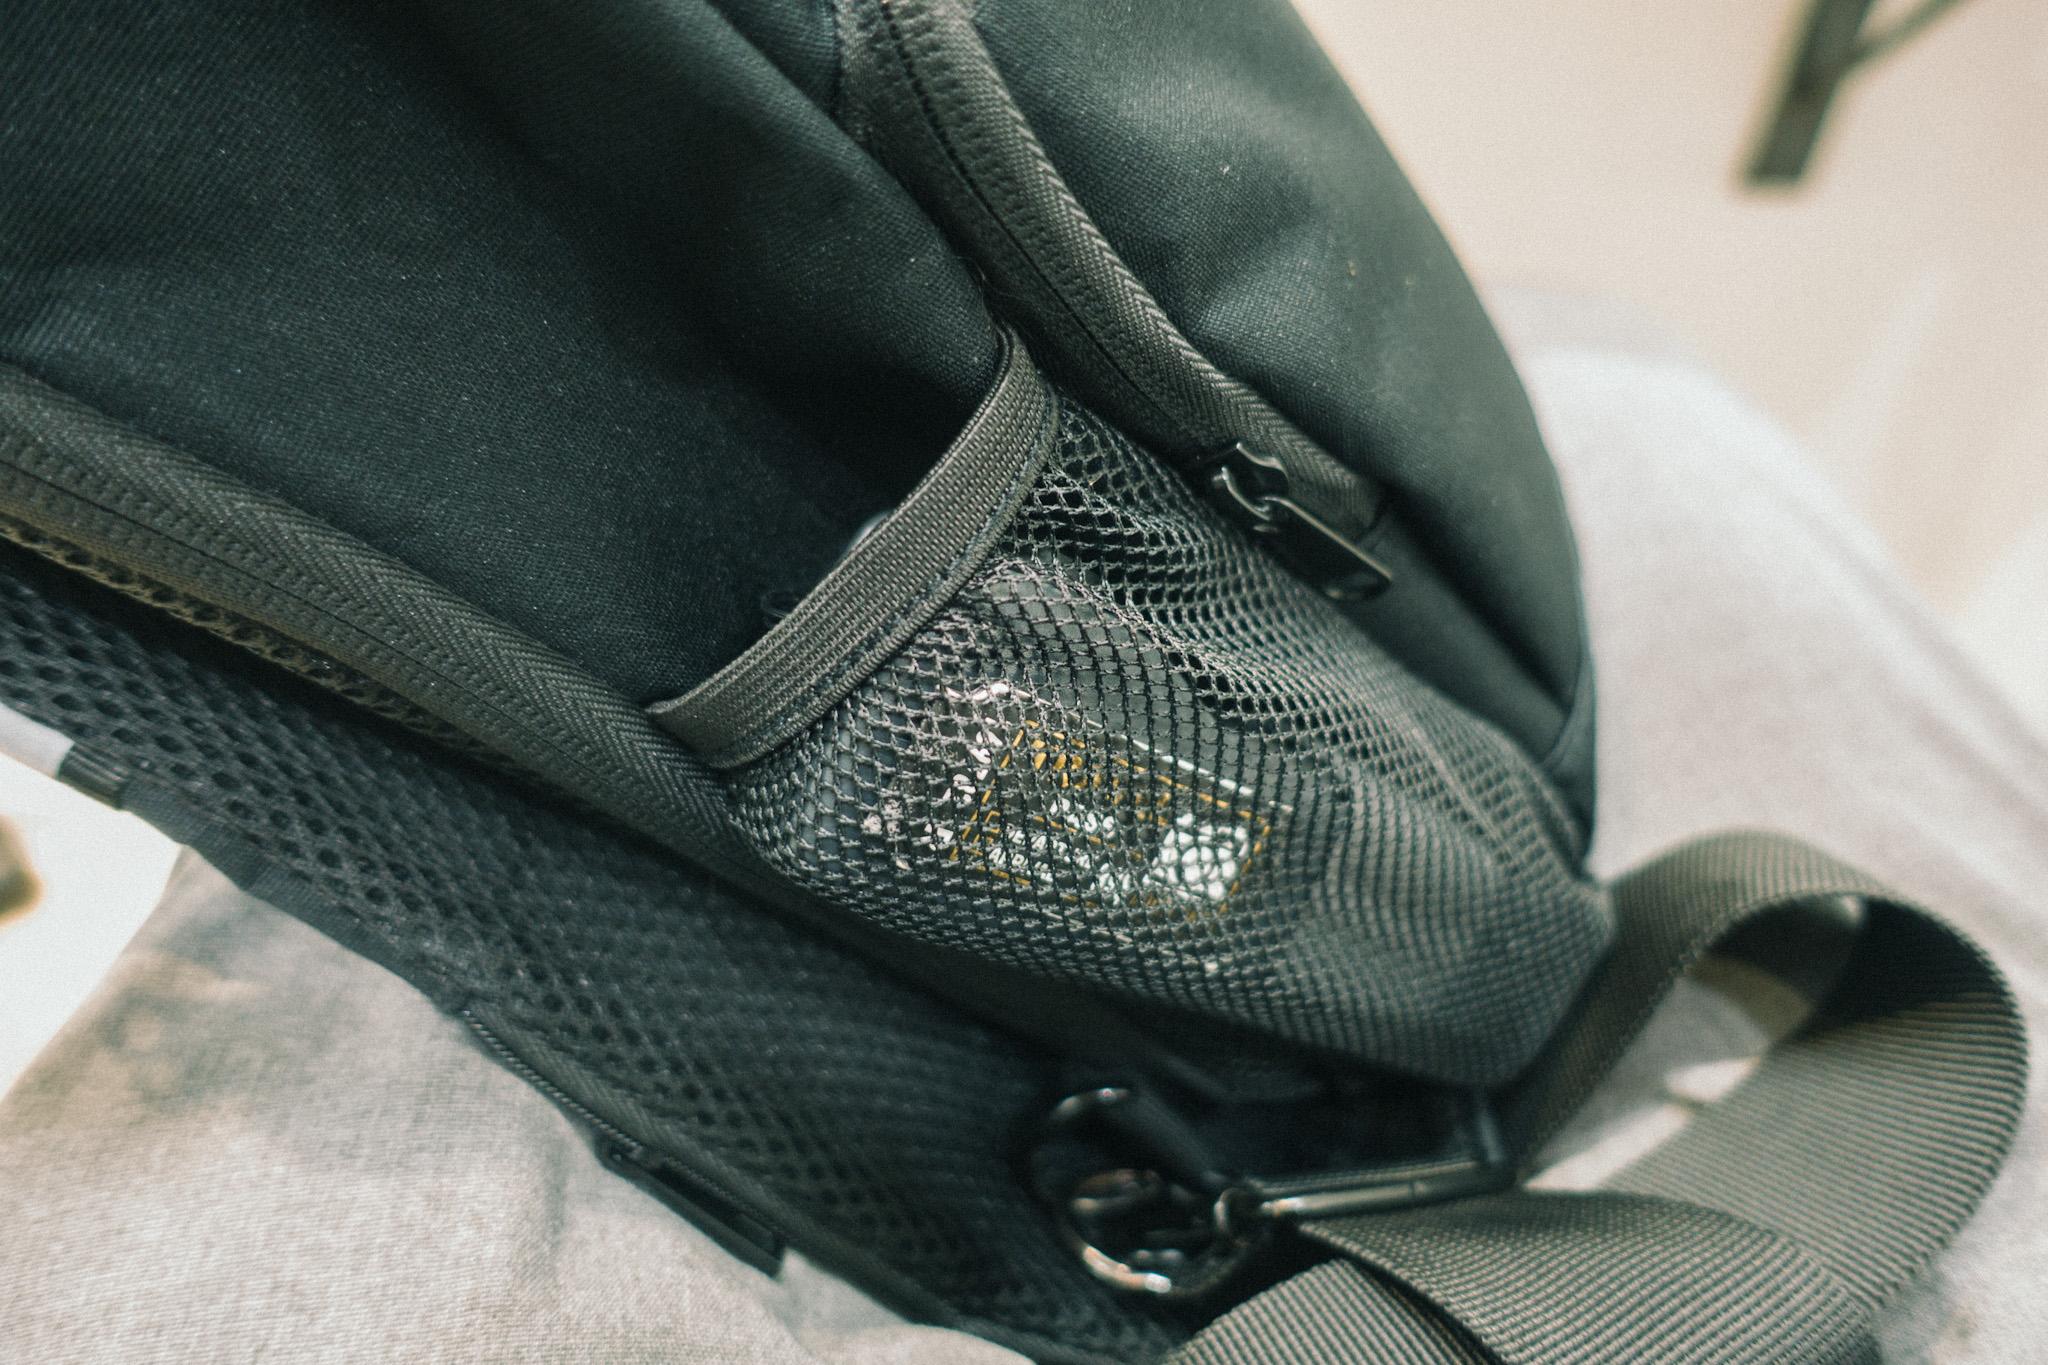 ボディバッグにオズモポケット